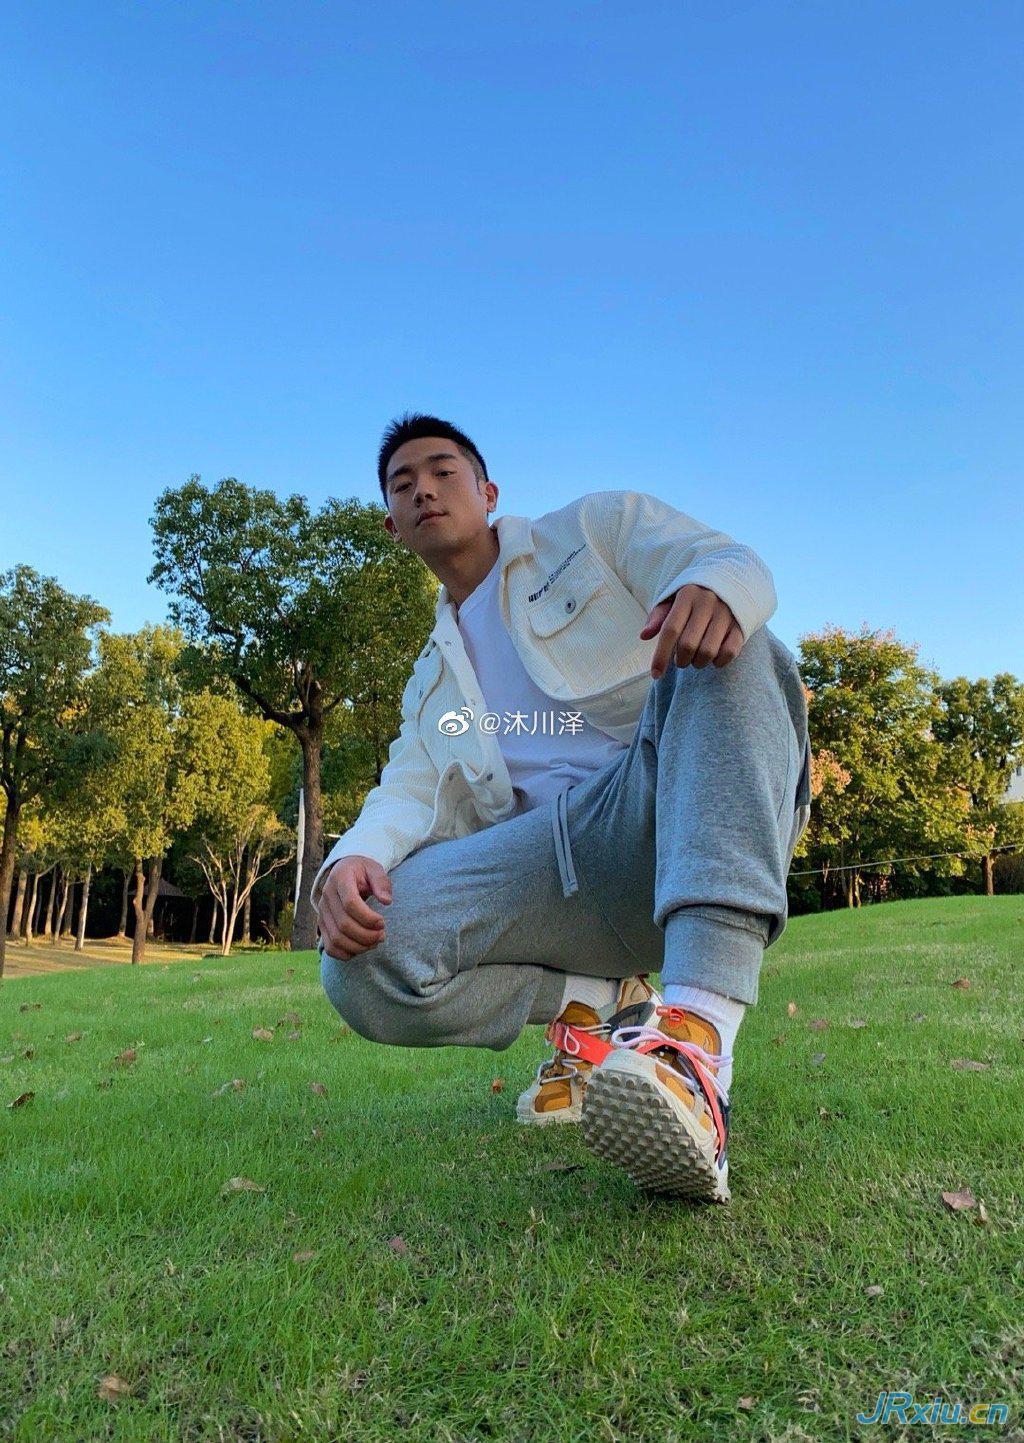 中国国产肌肉帅哥沐川泽 健身肌肉网红帅哥